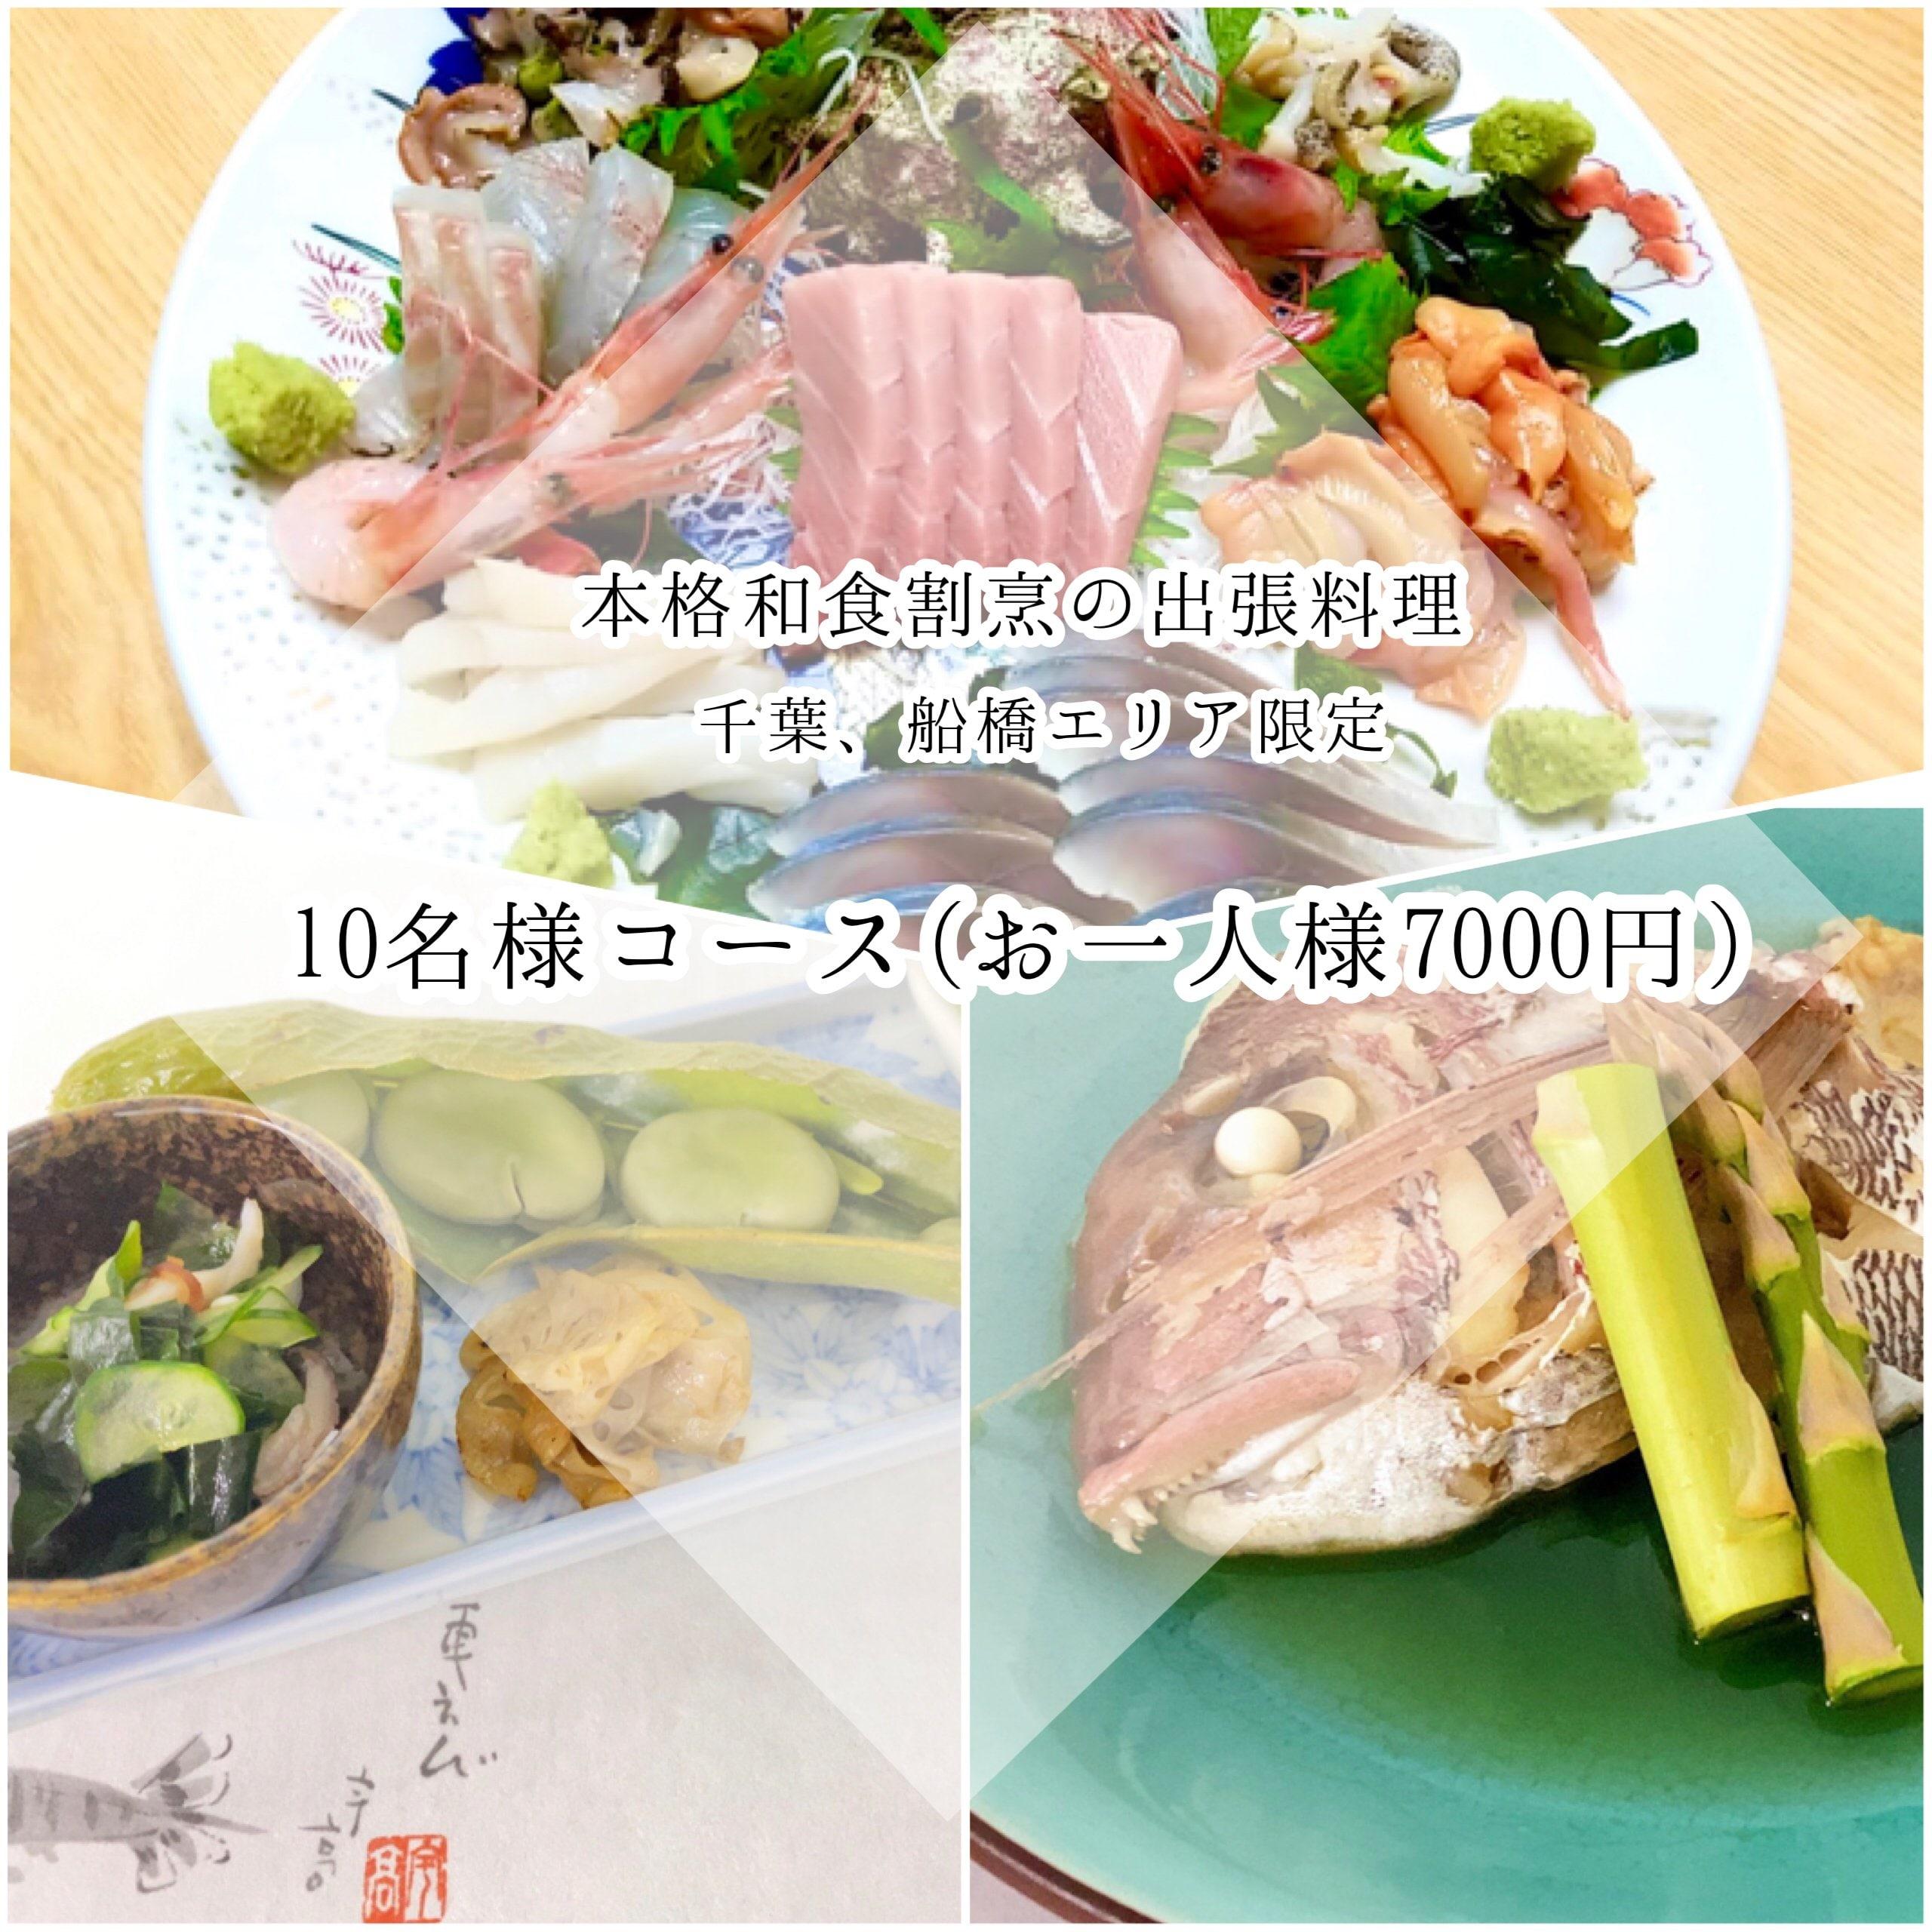 出張割烹料理(7,000円|10名様用)|千葉県千葉船橋エリア専用のイメージその1